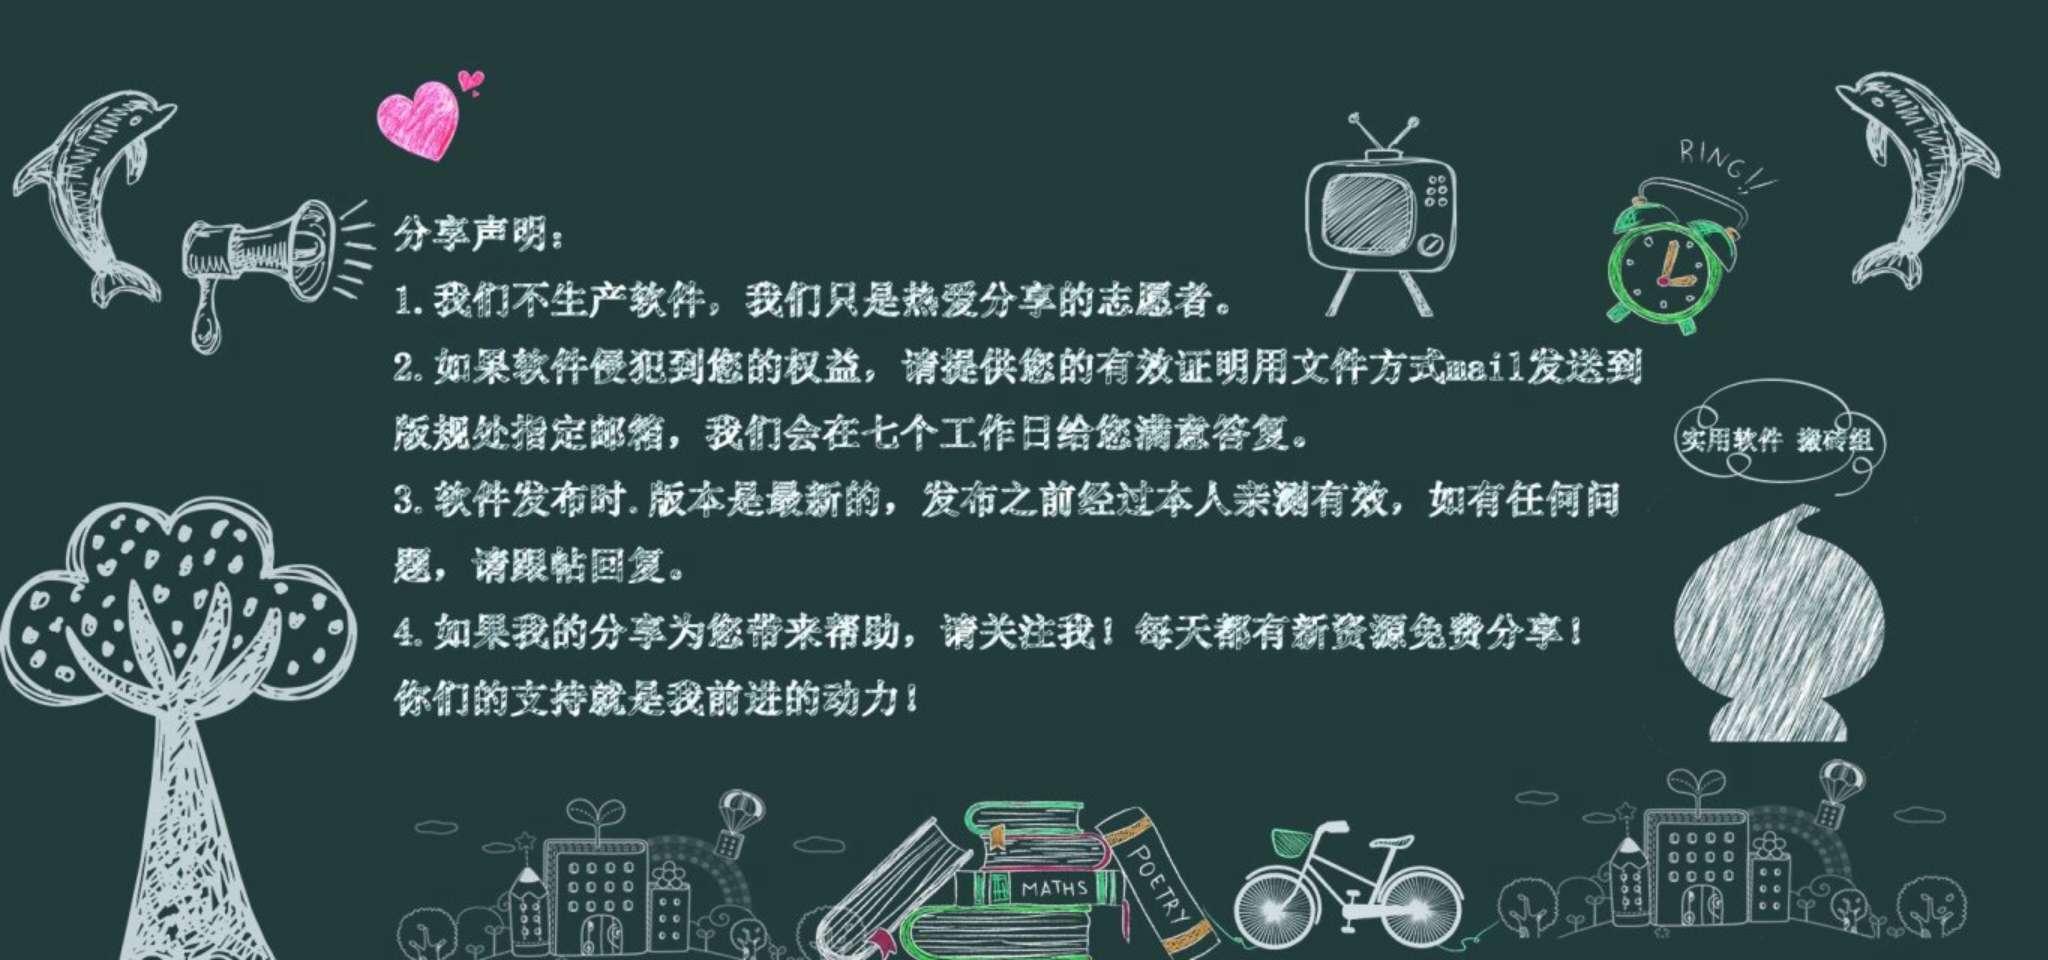 【资源分享】聚影vip播放器(免费看大片)-爱小助